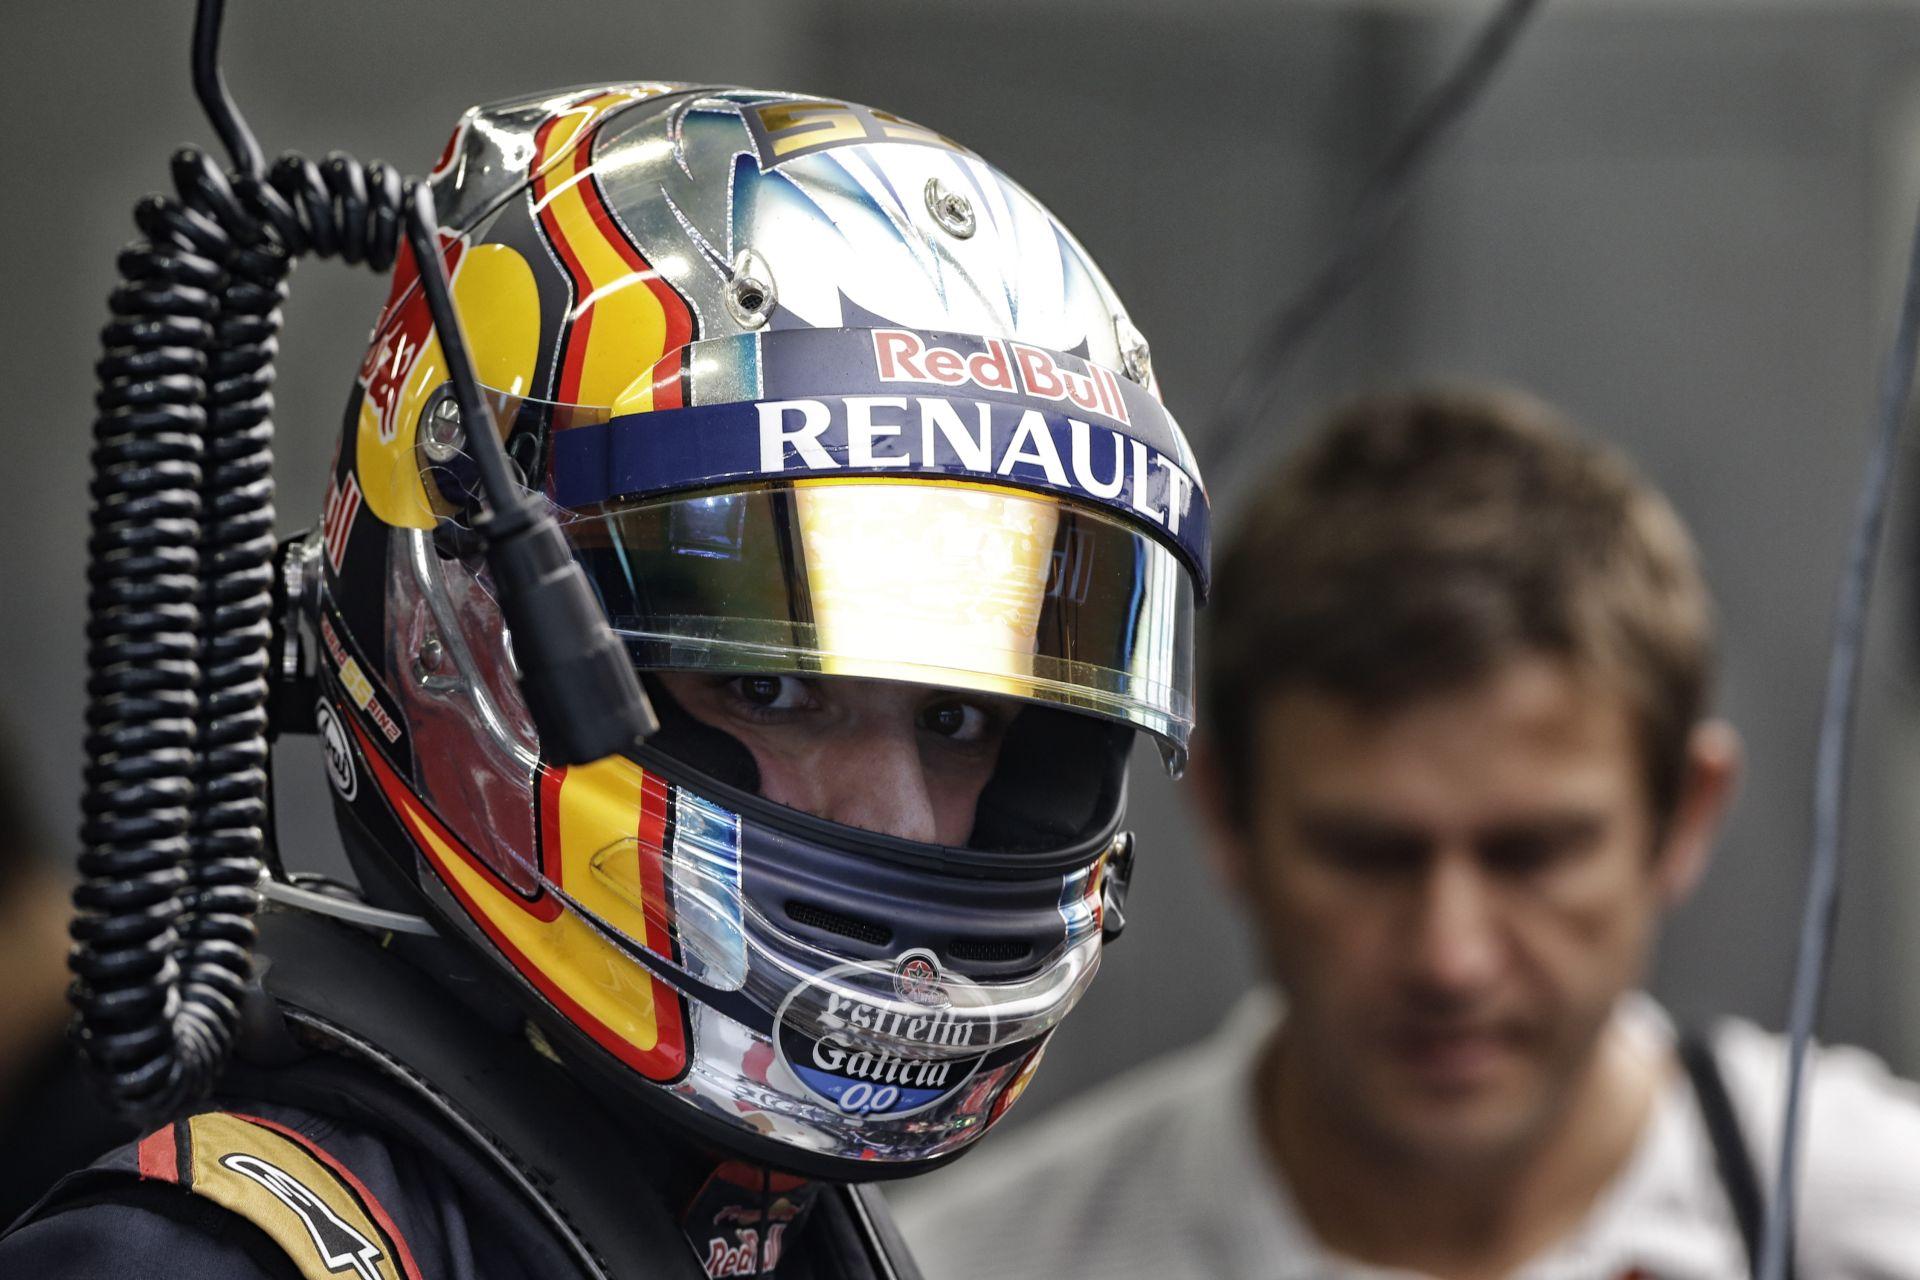 Sainz kezd frusztrált lenni Verstappen miatt, aki mindenkit lenyűgöz